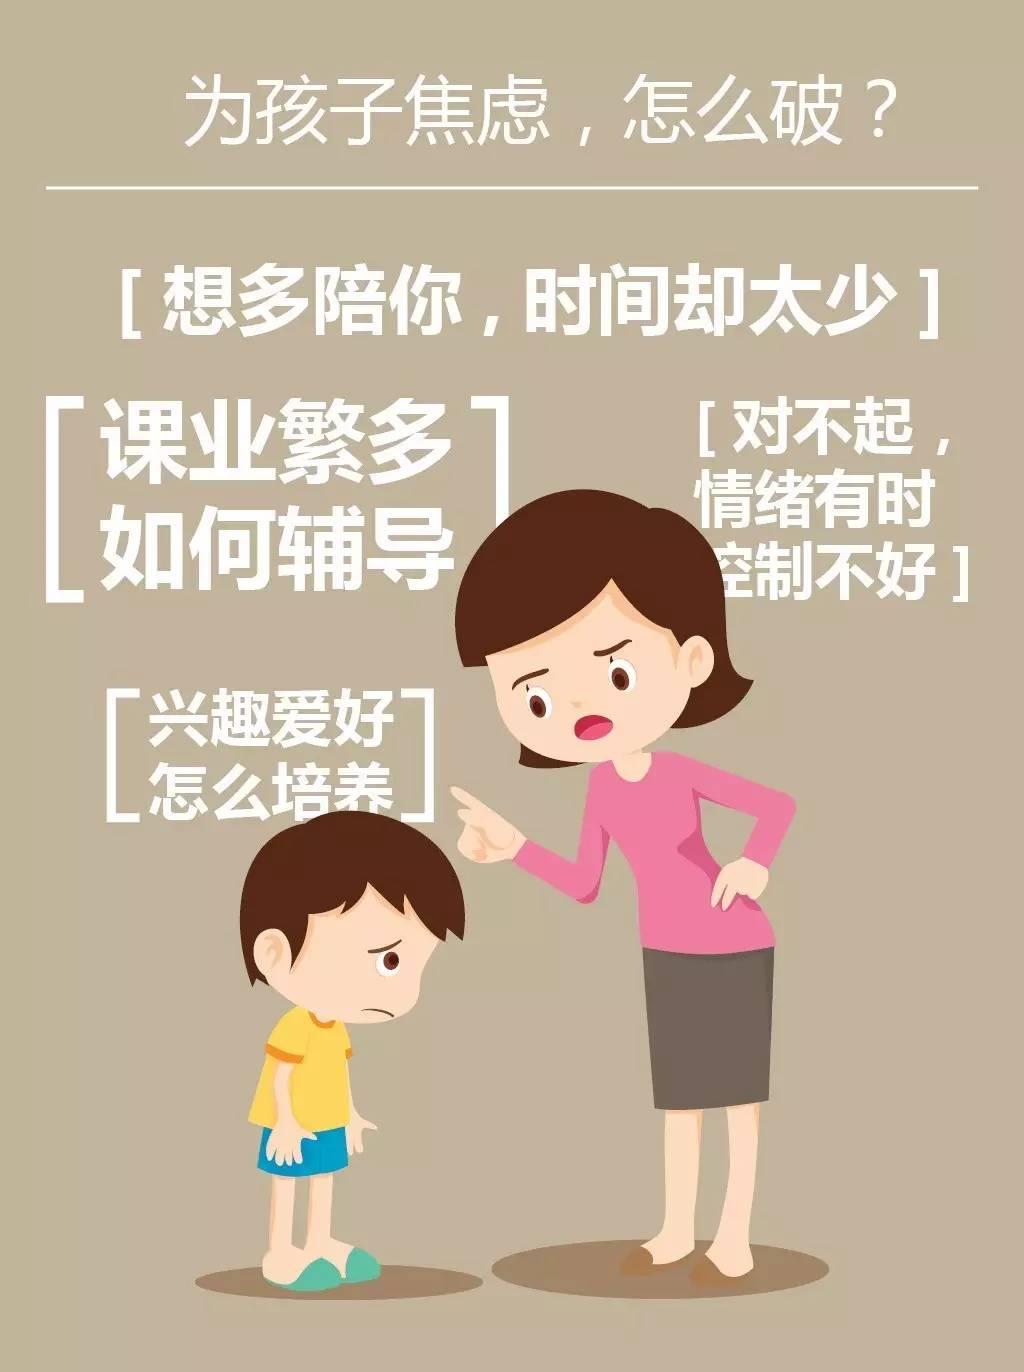 母亲关爱婴儿卡通图片